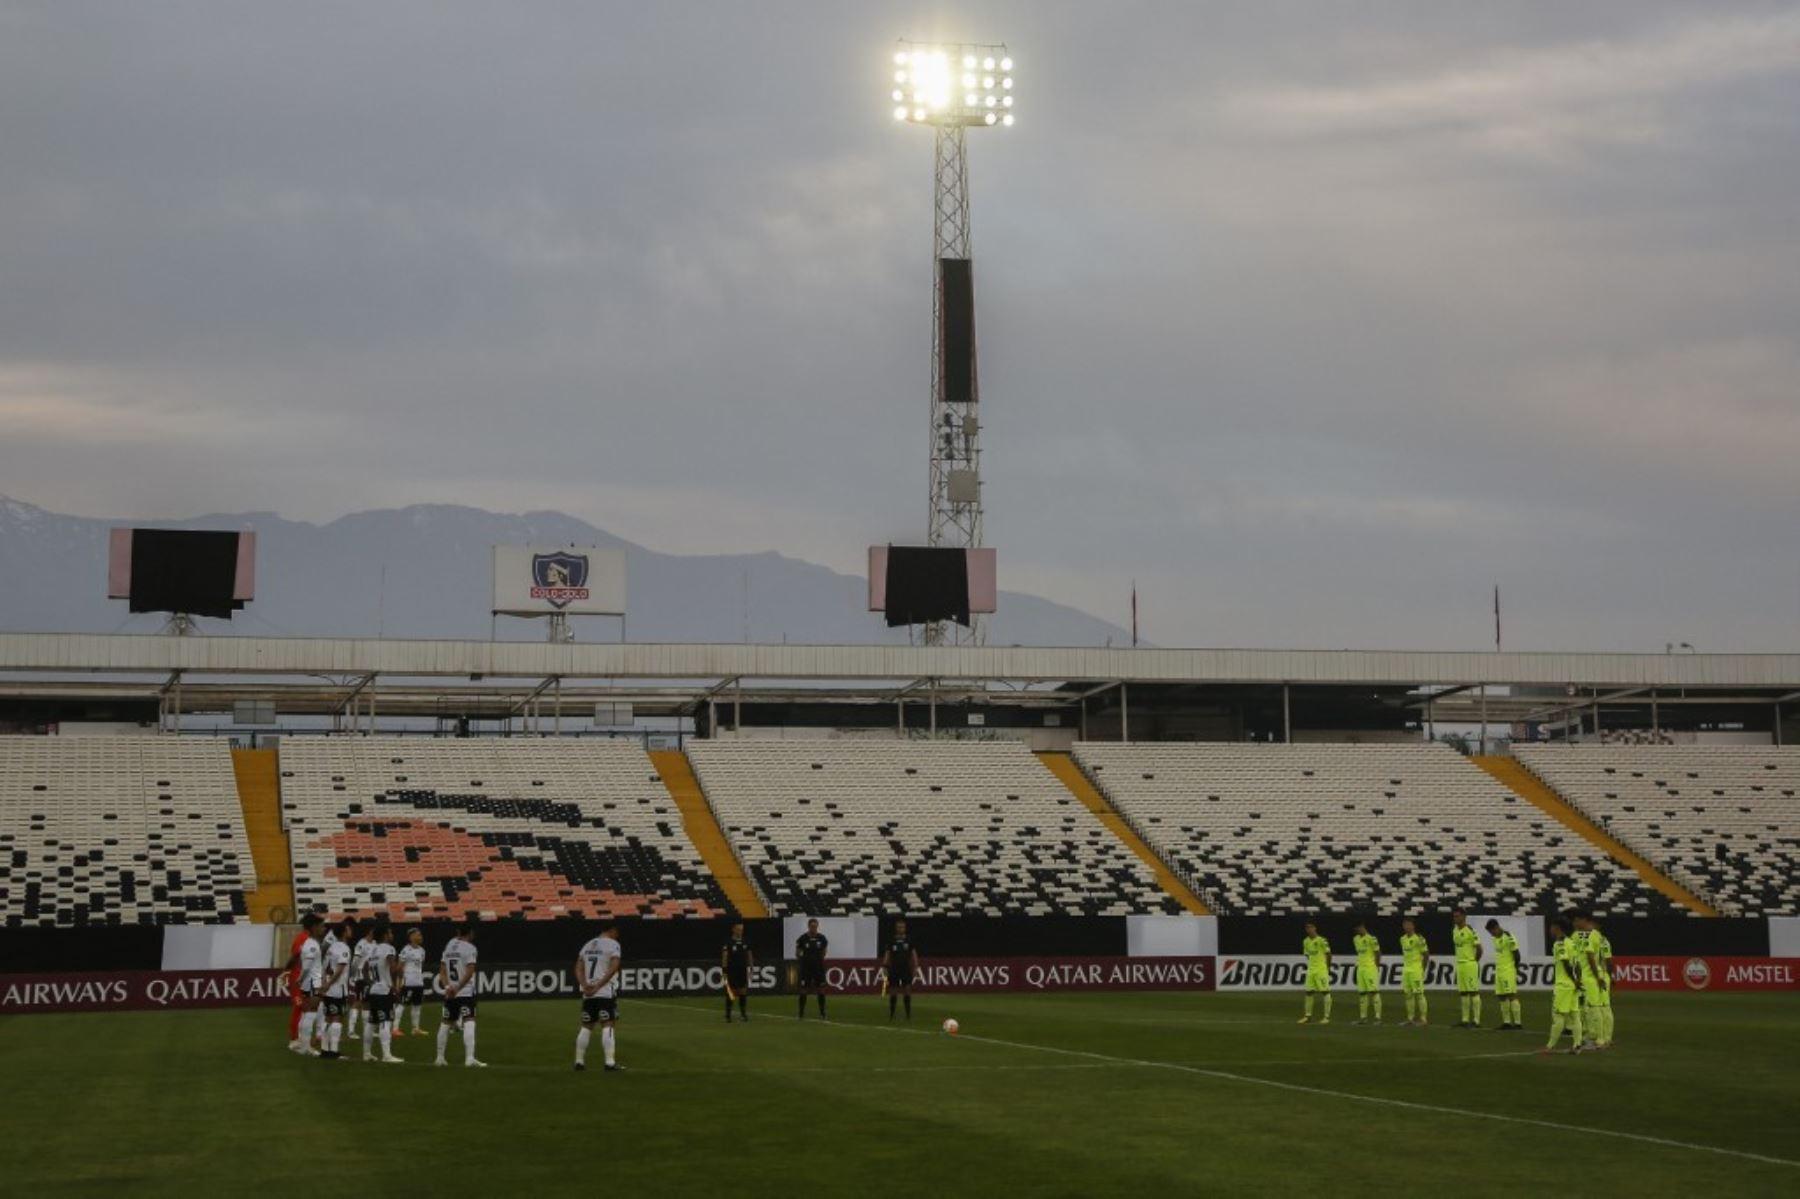 Los jugadores se preparan para el inicio del partido a puertas cerradas por la fase de grupos de la Copa Libertadores entre Colo Colo y Peñarol, en el estadio Monumental de Santiago. Foto: AFP